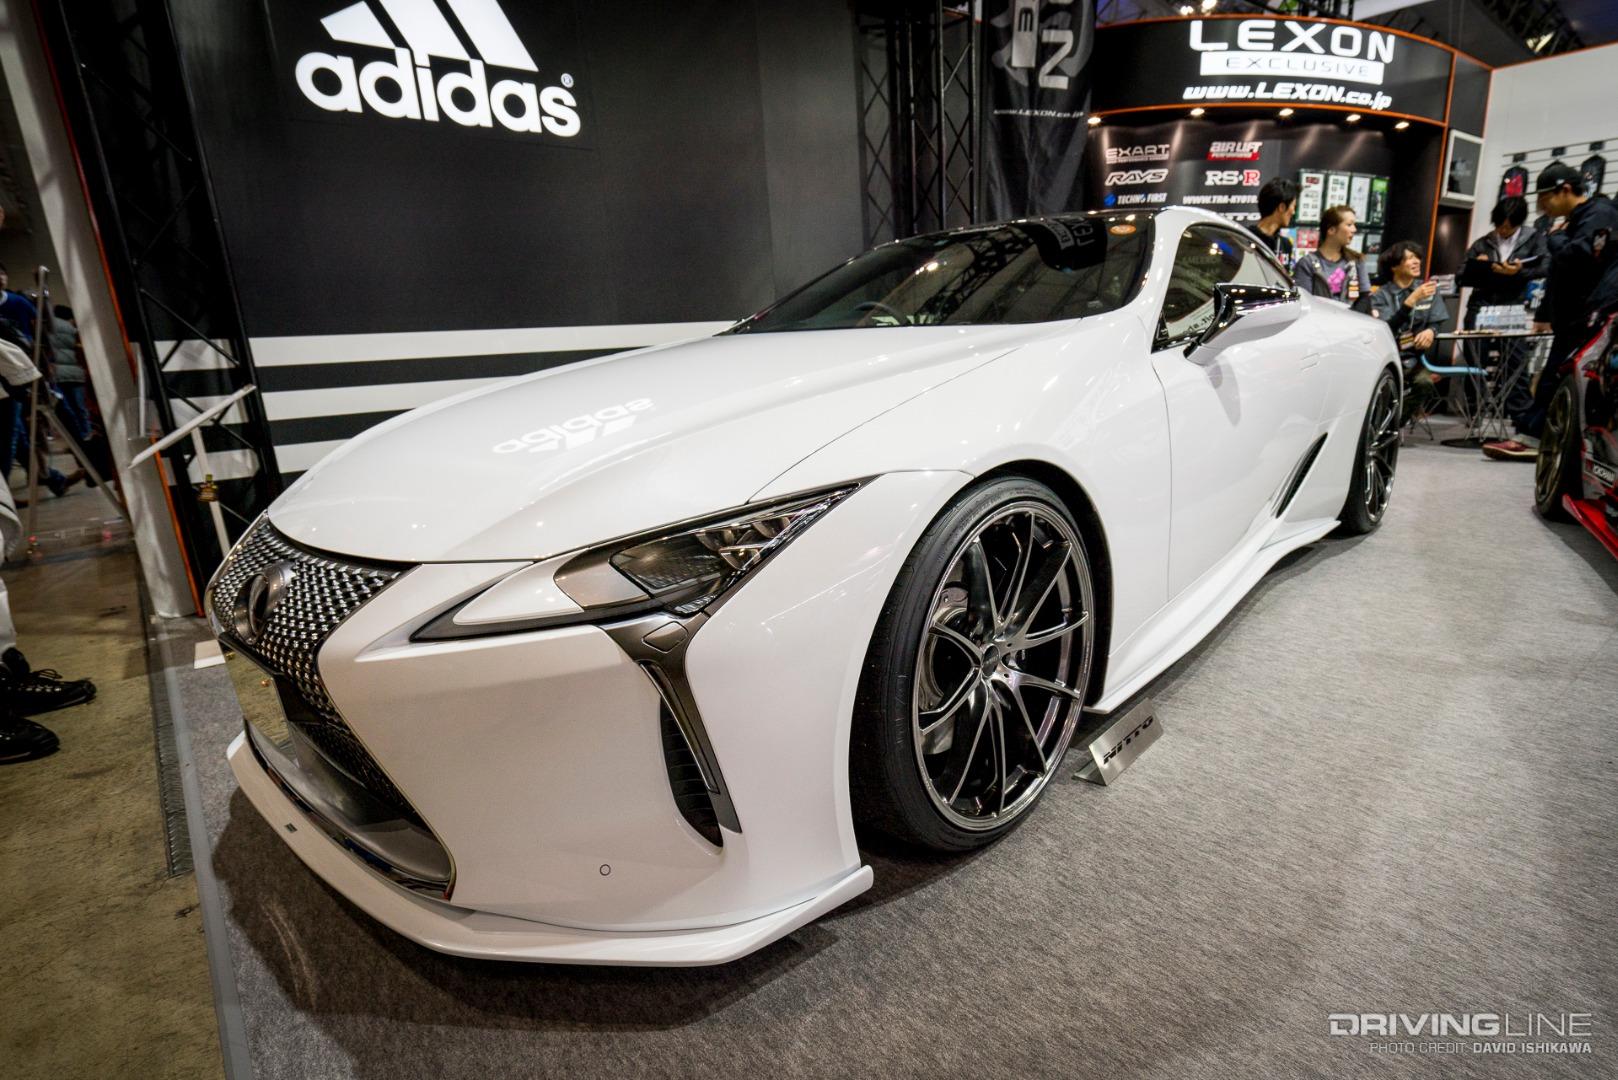 2019 Lexus Lc 500 Preview >> Lexon Lexus LC 500 Debut | DrivingLine